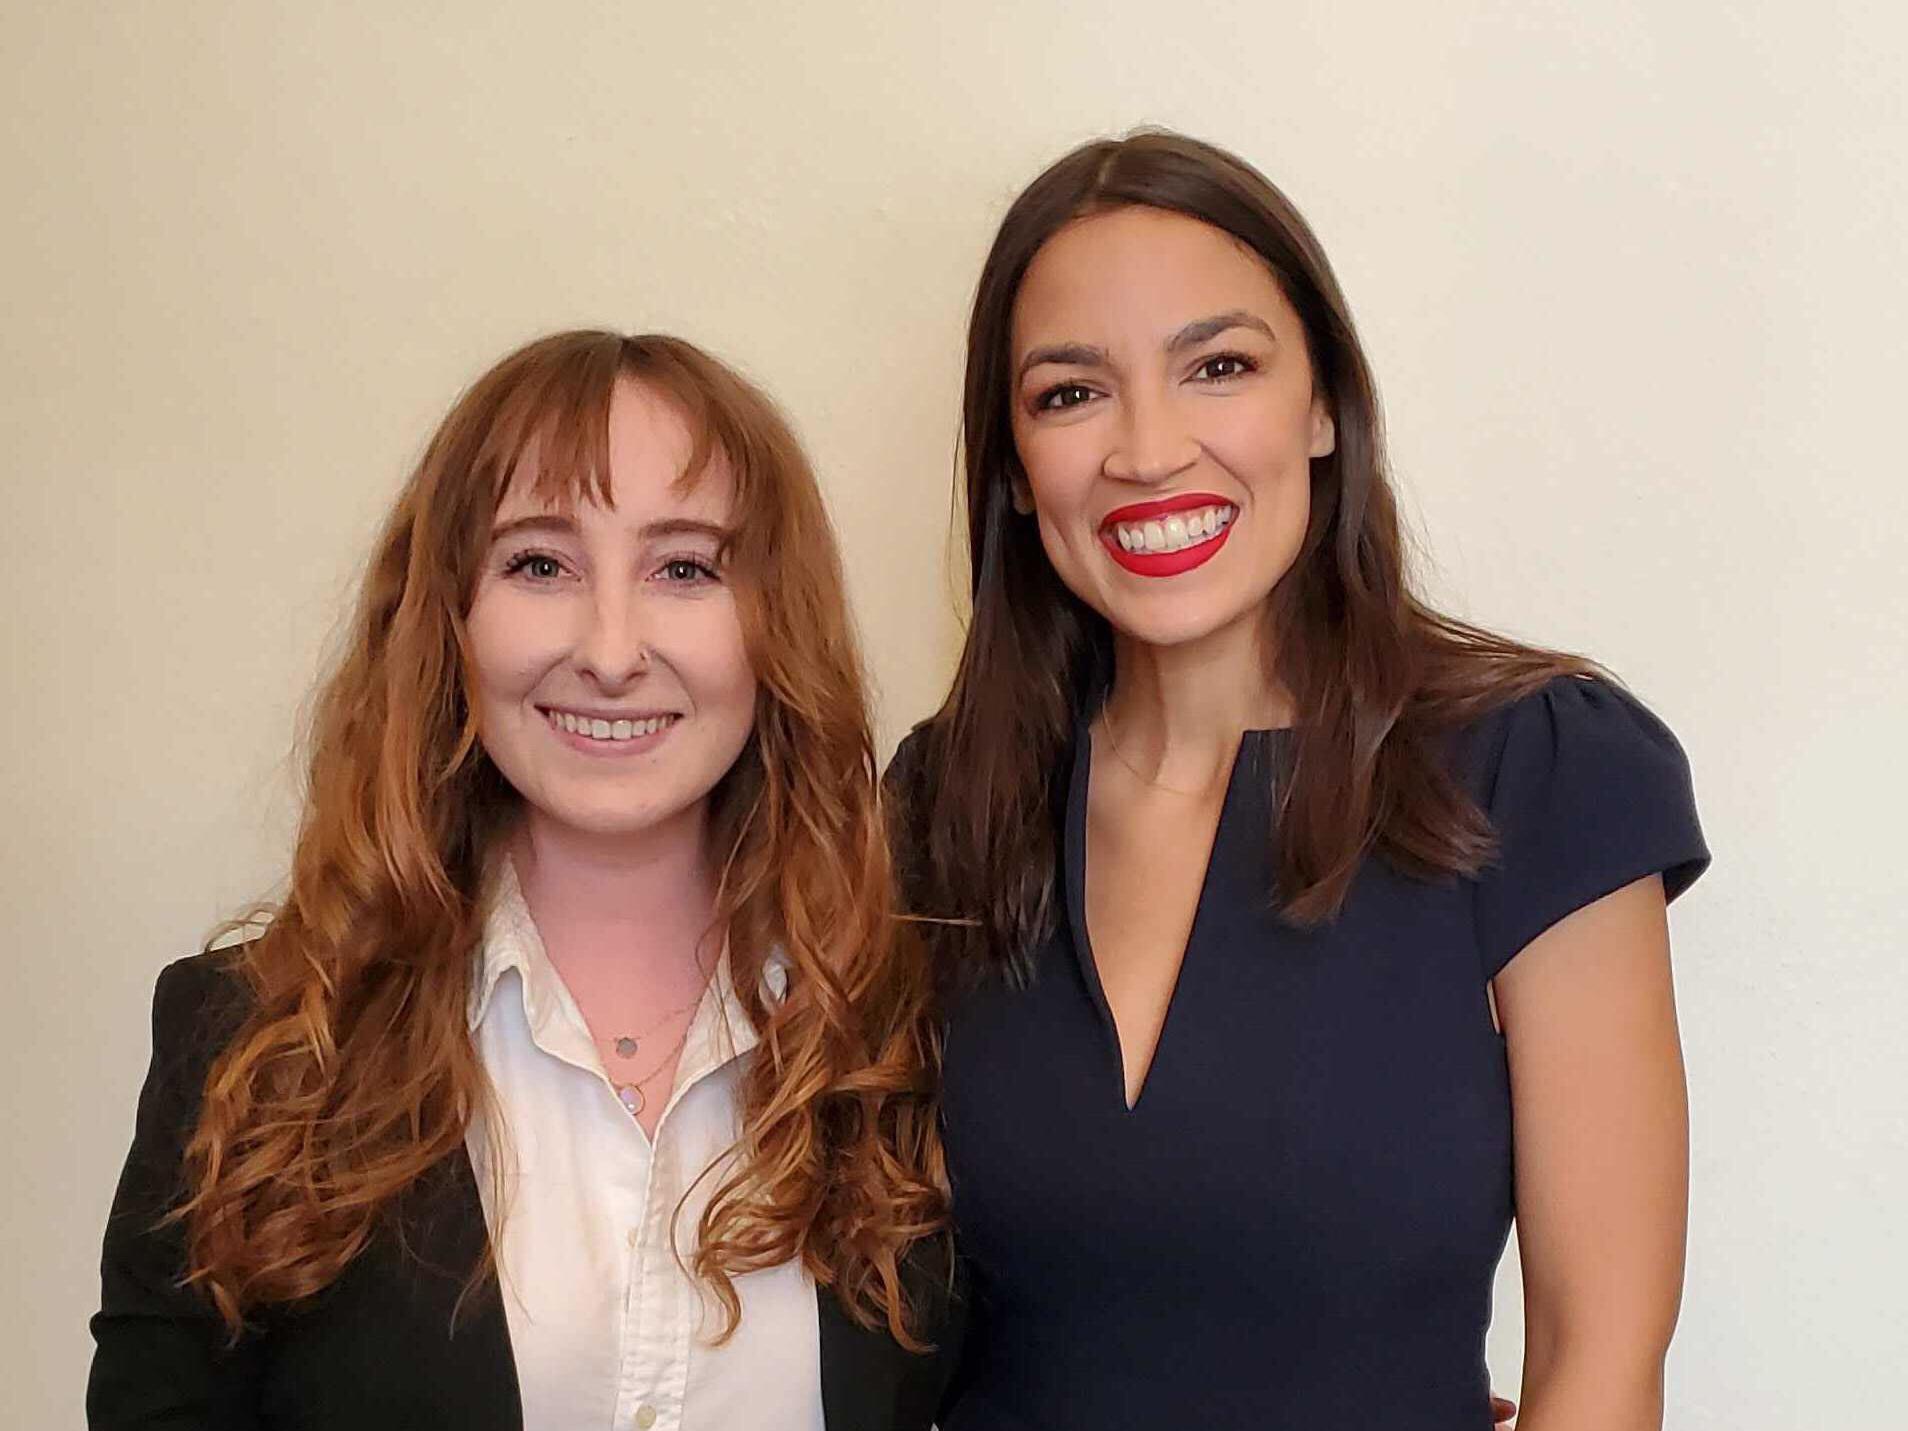 Lauren Fitzgerald during her internship with Alexandria Ocasio-Cortez